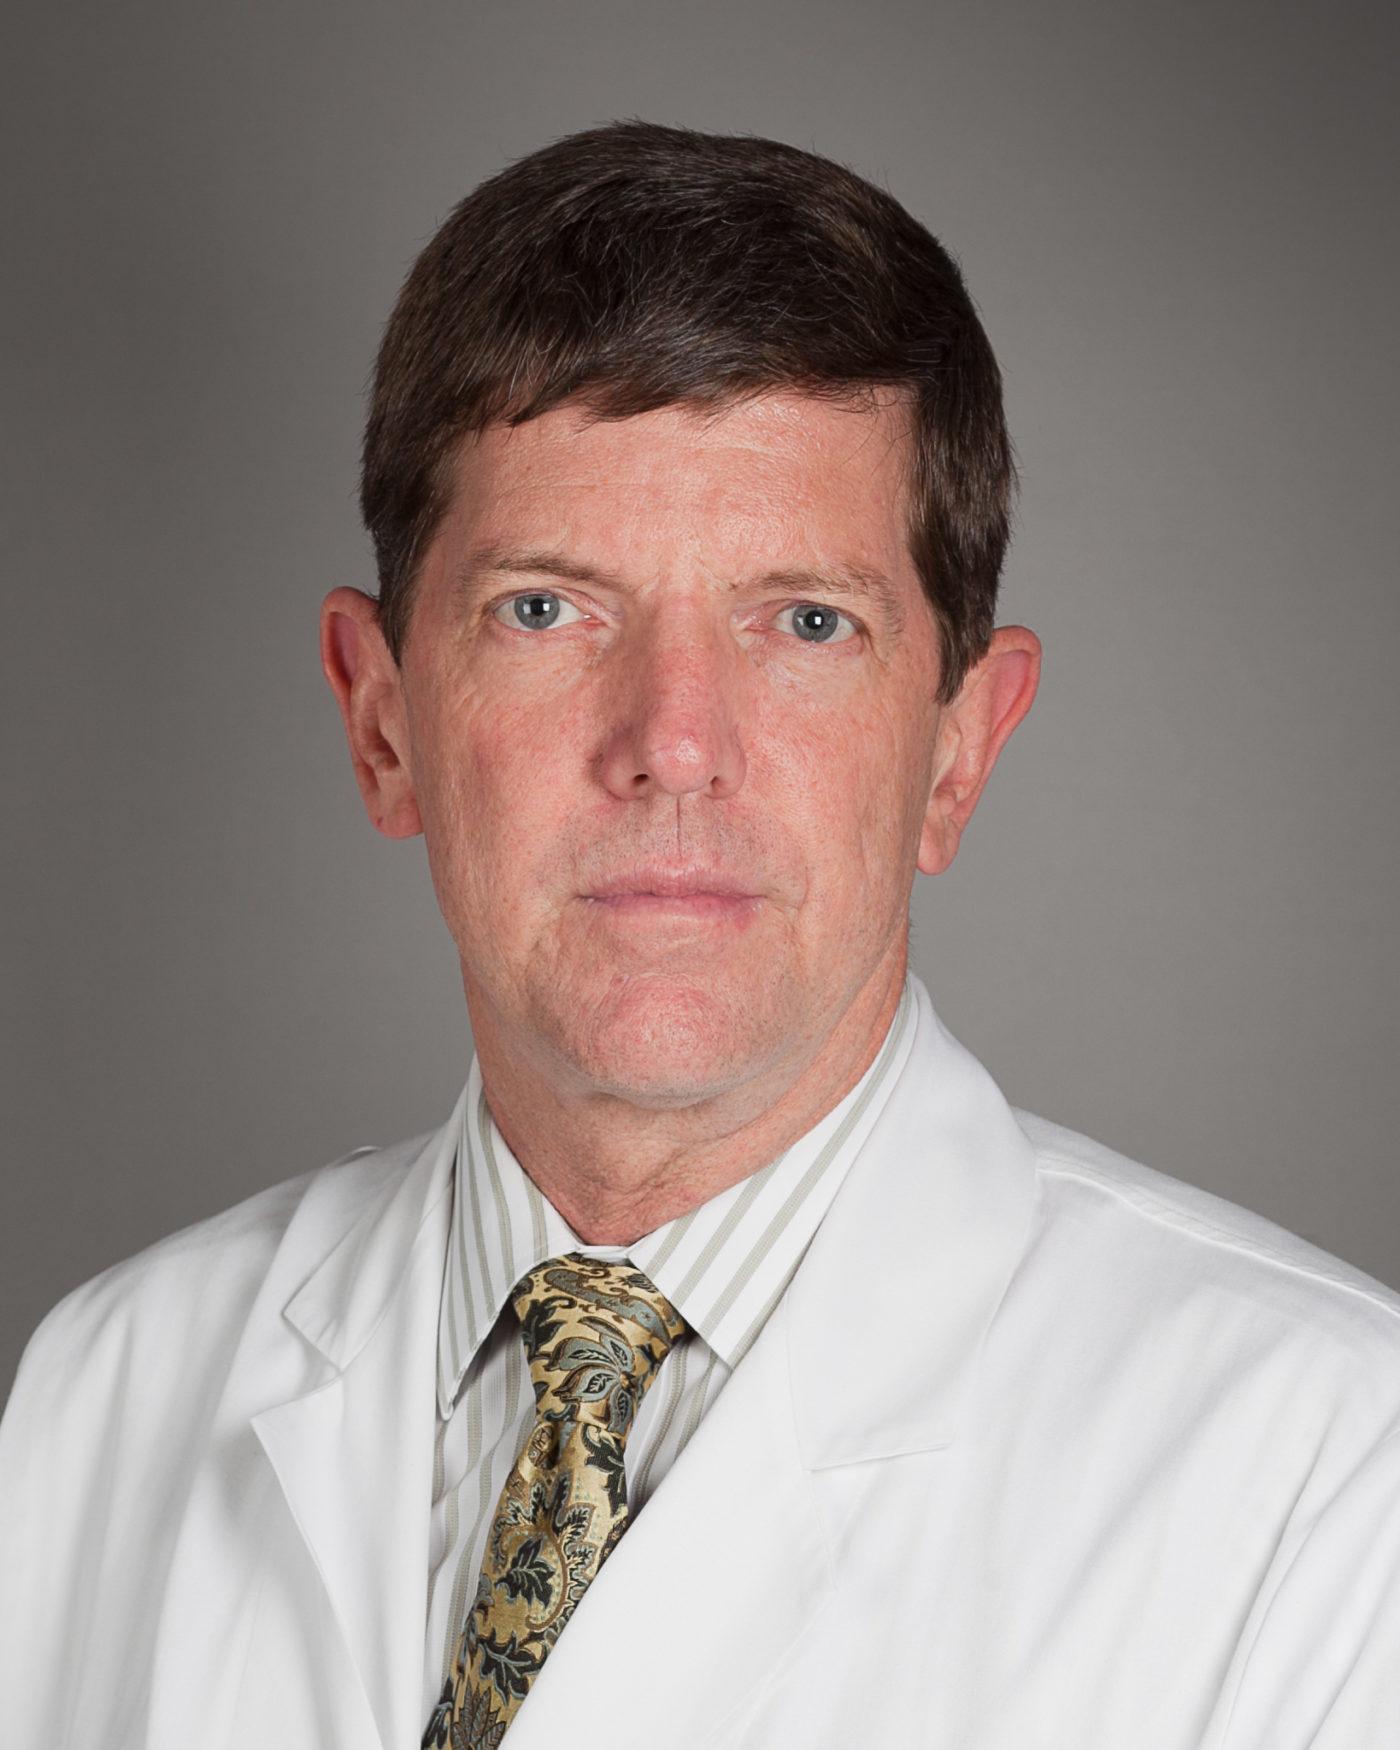 Dr. William Loudon